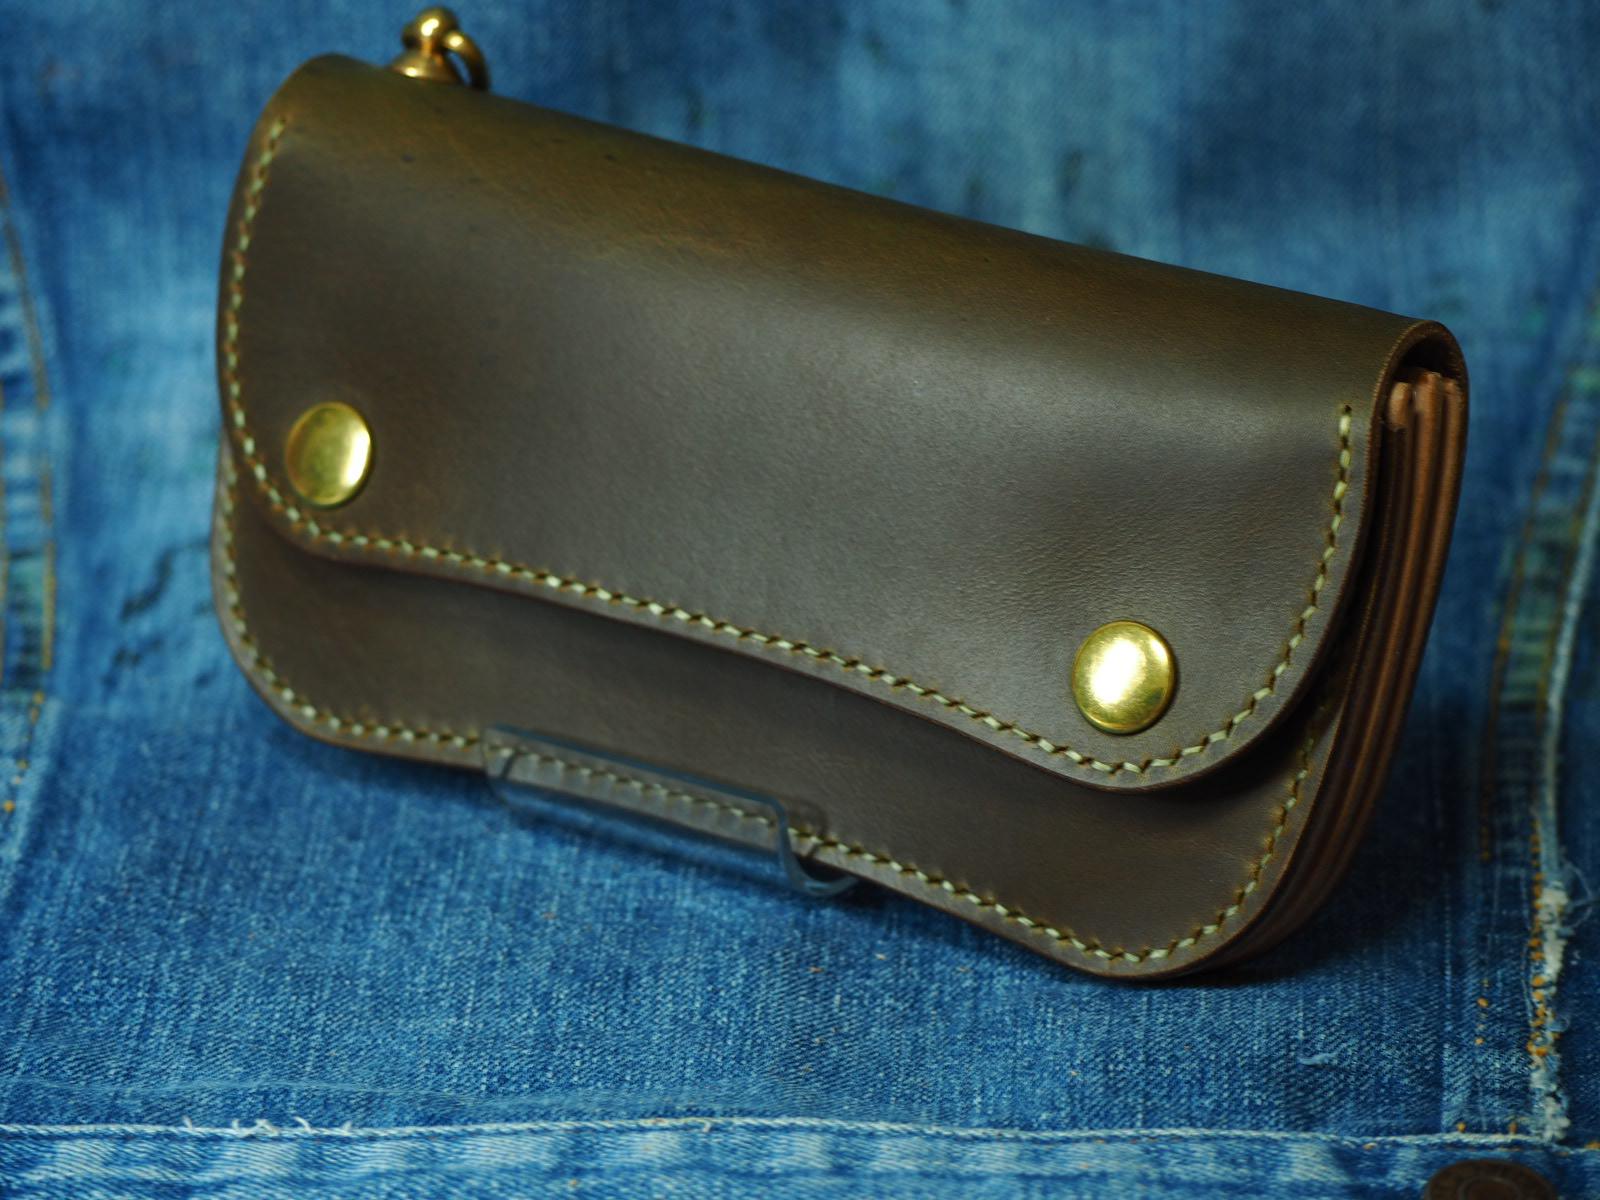 ホーウェン社クロムエクセル。100年前のレシピを守り作られた皮革のトラッカーウォレットtype2